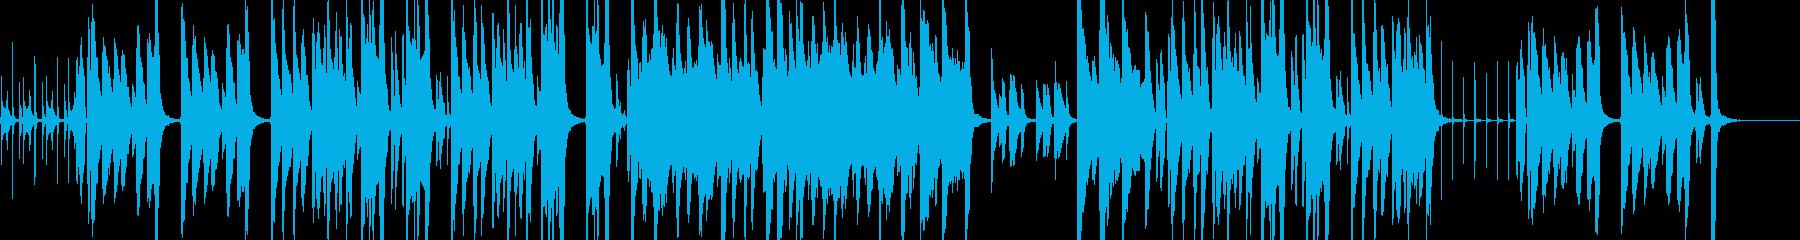 悪戯っぽい・ほのぼの日常なアニメBGM風の再生済みの波形